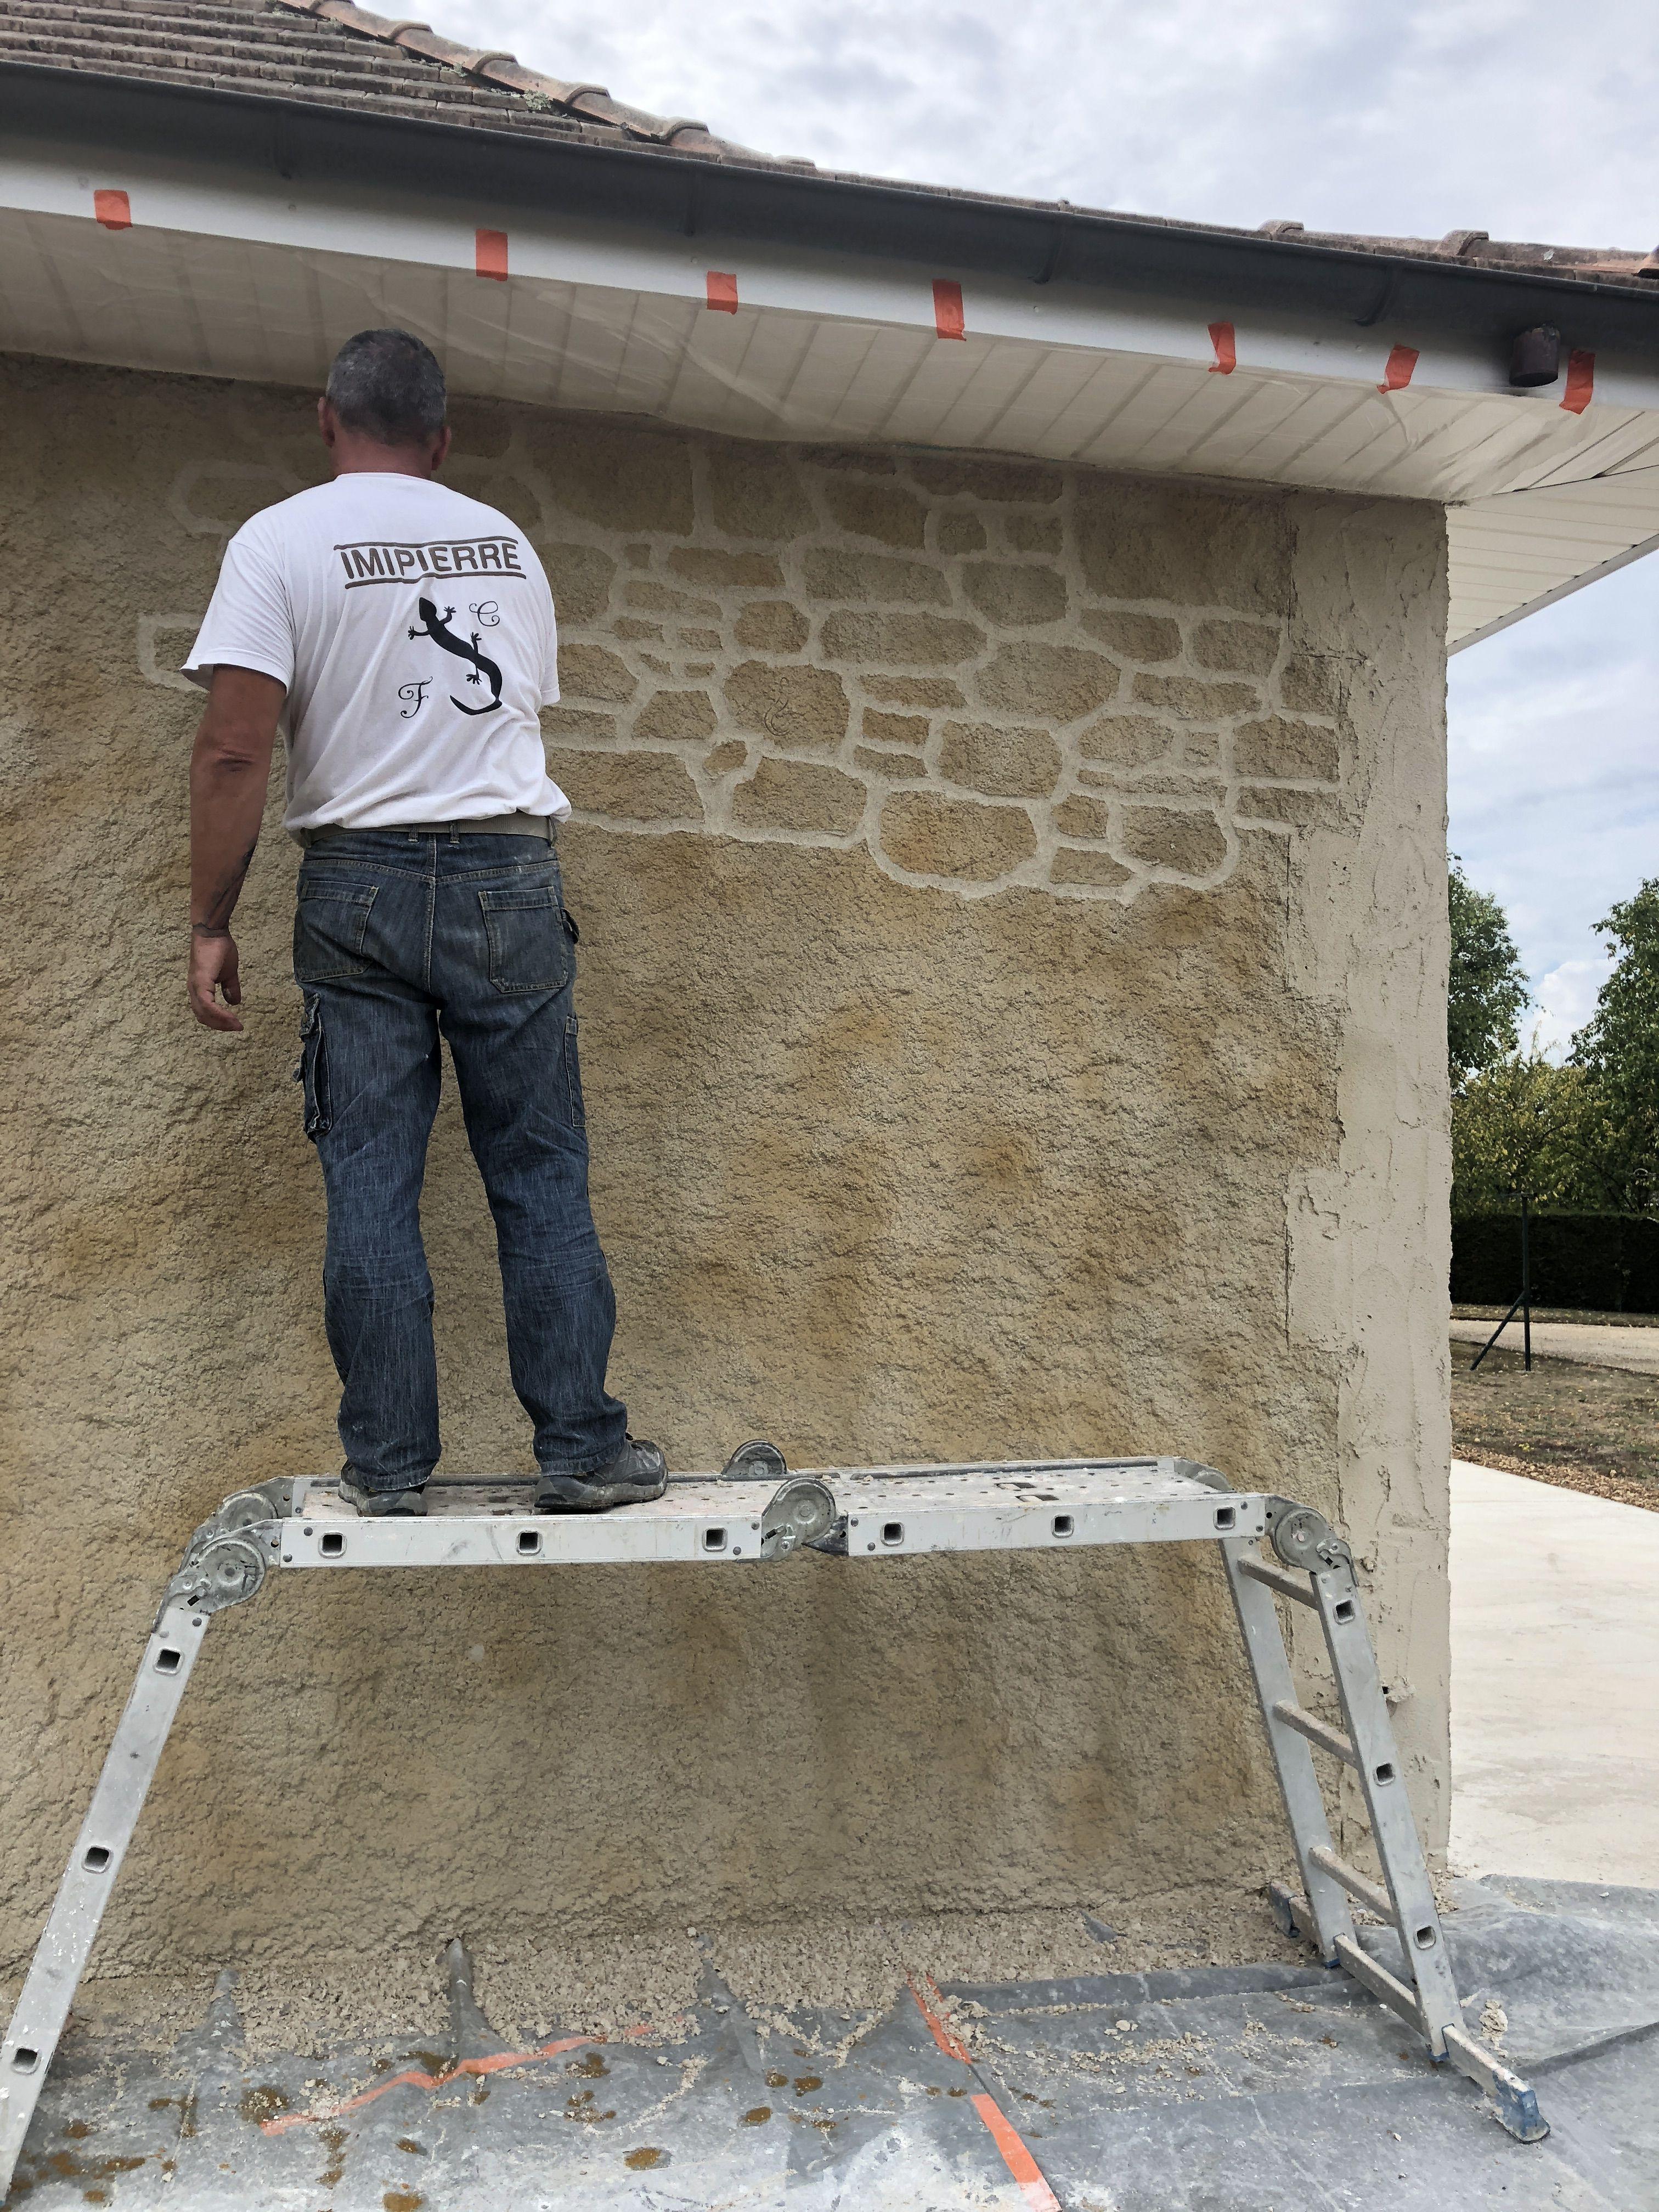 Sculpture De L Enduit Pierre Enduit Mur Exterieur Briquette De Parement Mur Exterieur